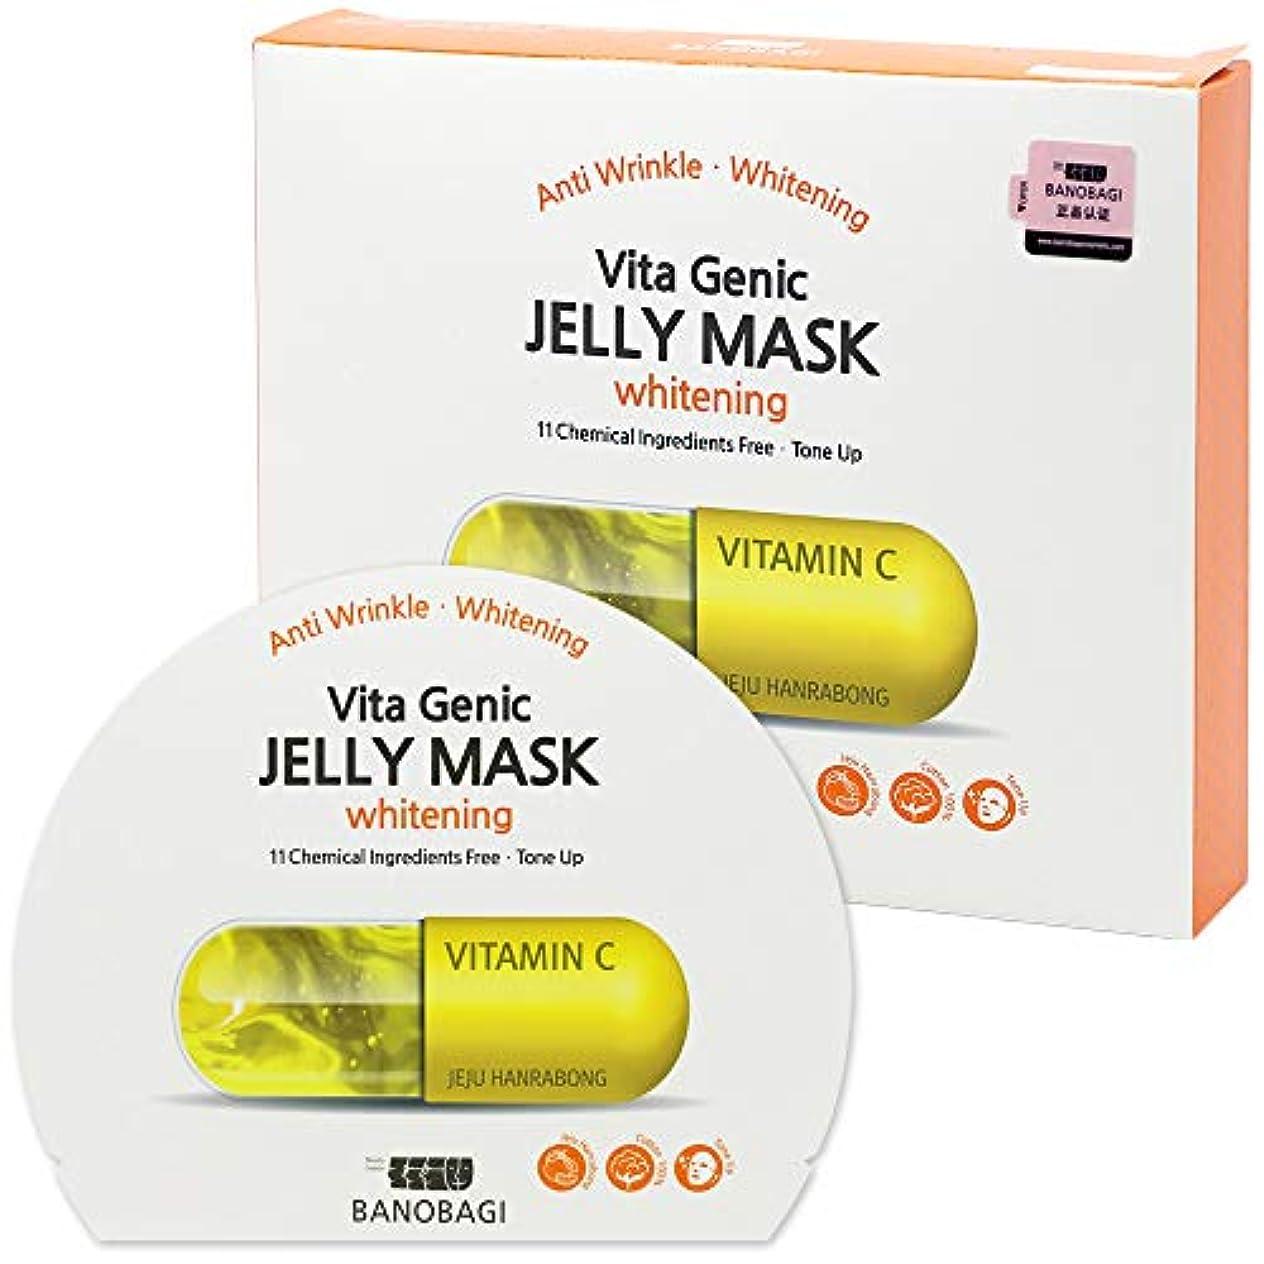 札入れコスト管理するバナバギ[BANOBAGI] ヴィータジェニックゼリーマスク★ホワイトニング(黄色)30mlx10P / Vita Genic Jelly Mask (Whitening-Yellow)